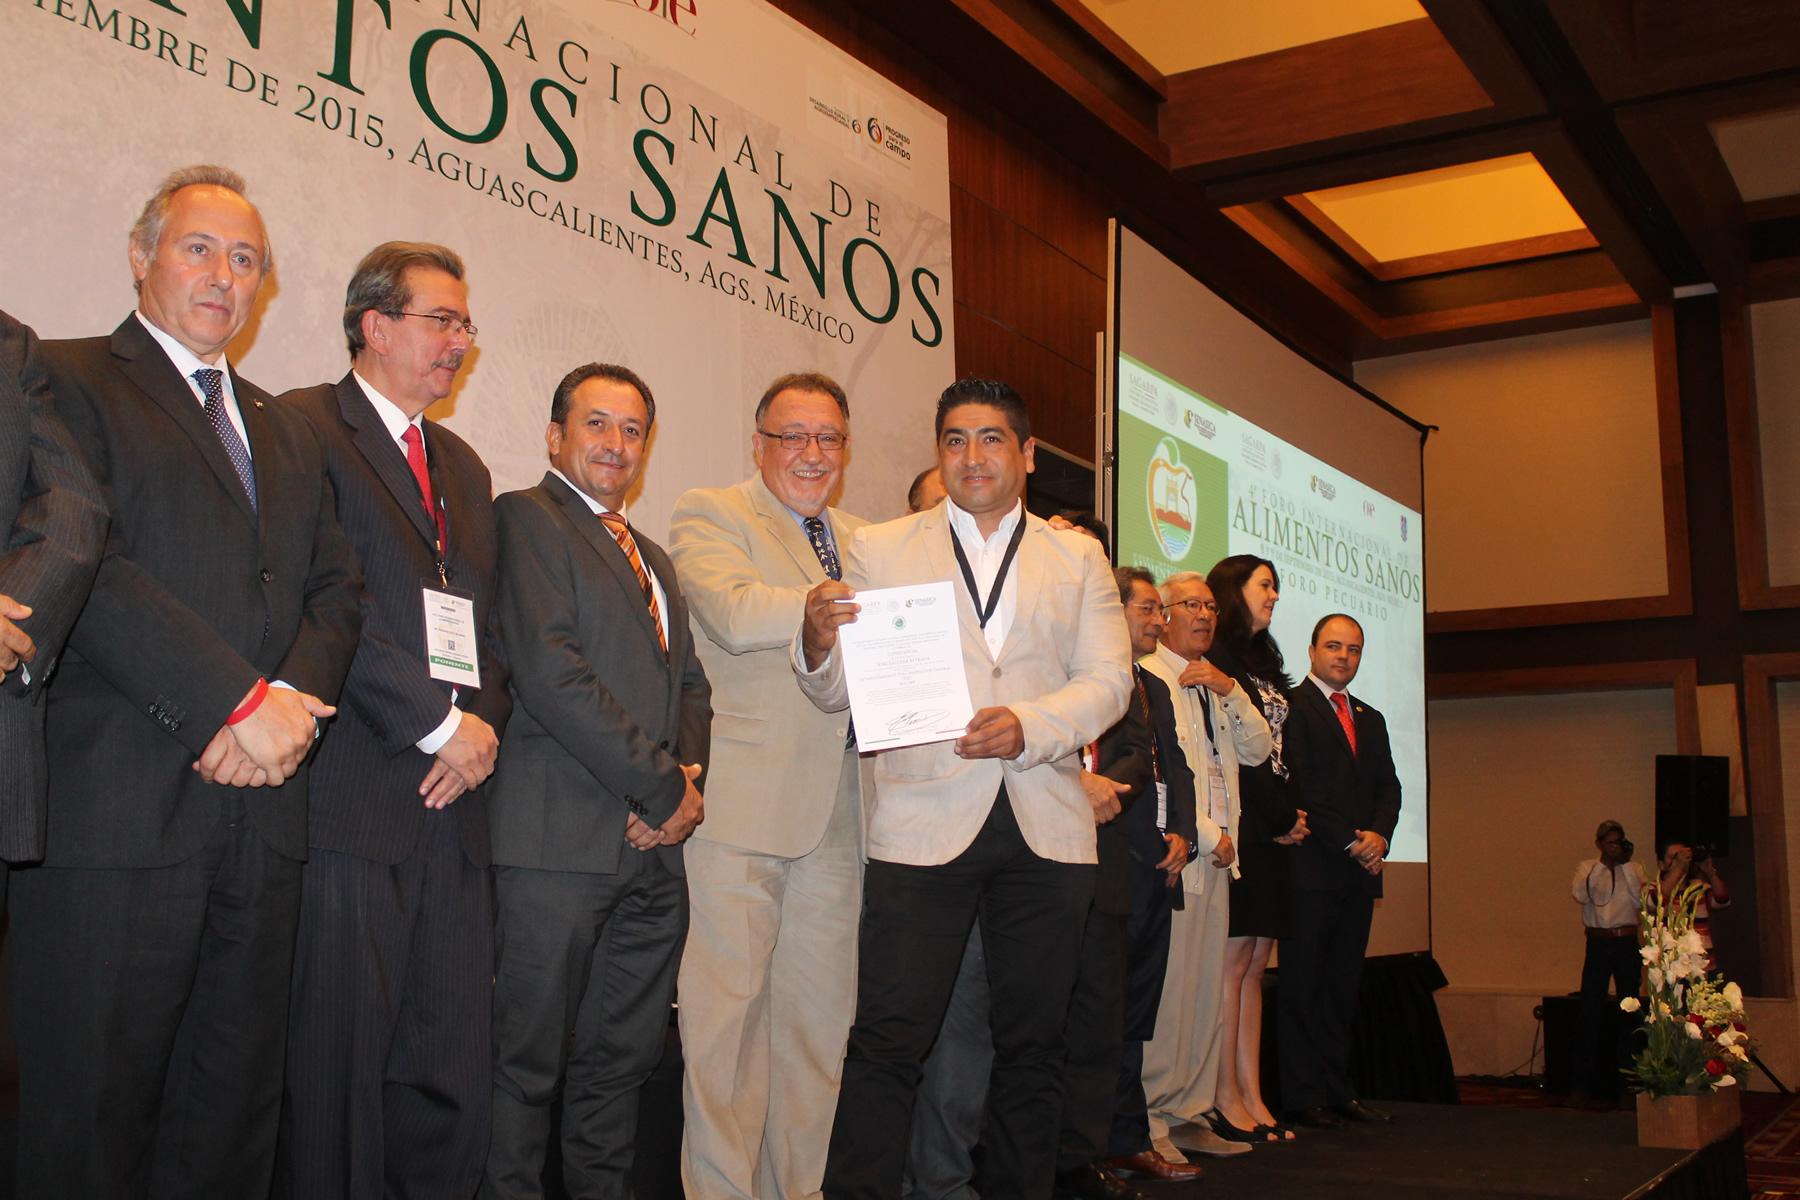 Durante la inauguración del 4º Foro Internacional de Alimentos Sanos, director en jefe del SENASICA, Enrique Sánchez Cruz, indicó que el evento es una buena oportunidad para analizar la nueva ley de inocuidad de los Estados Unidos.